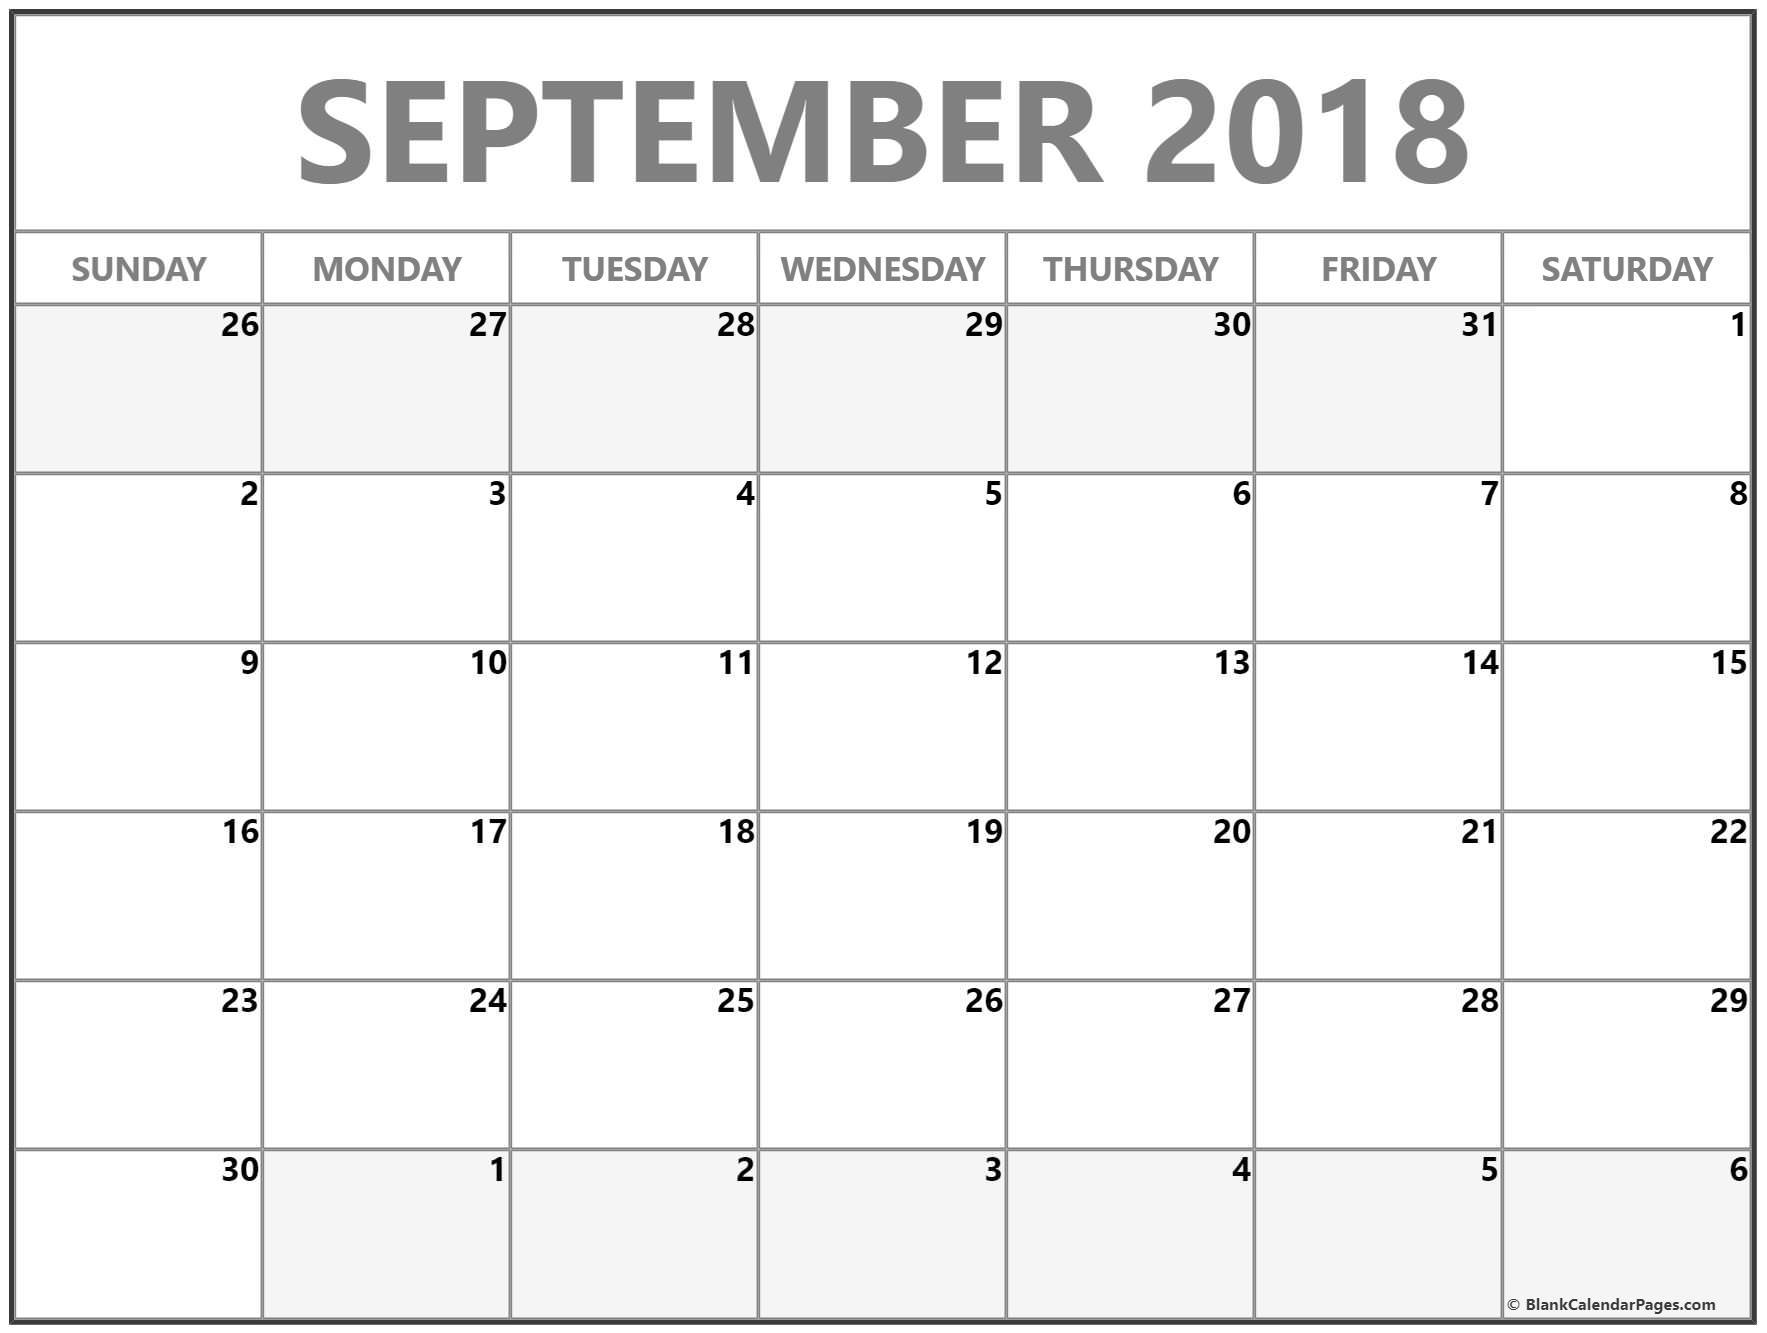 September 2018 Blank Calendar Collection.